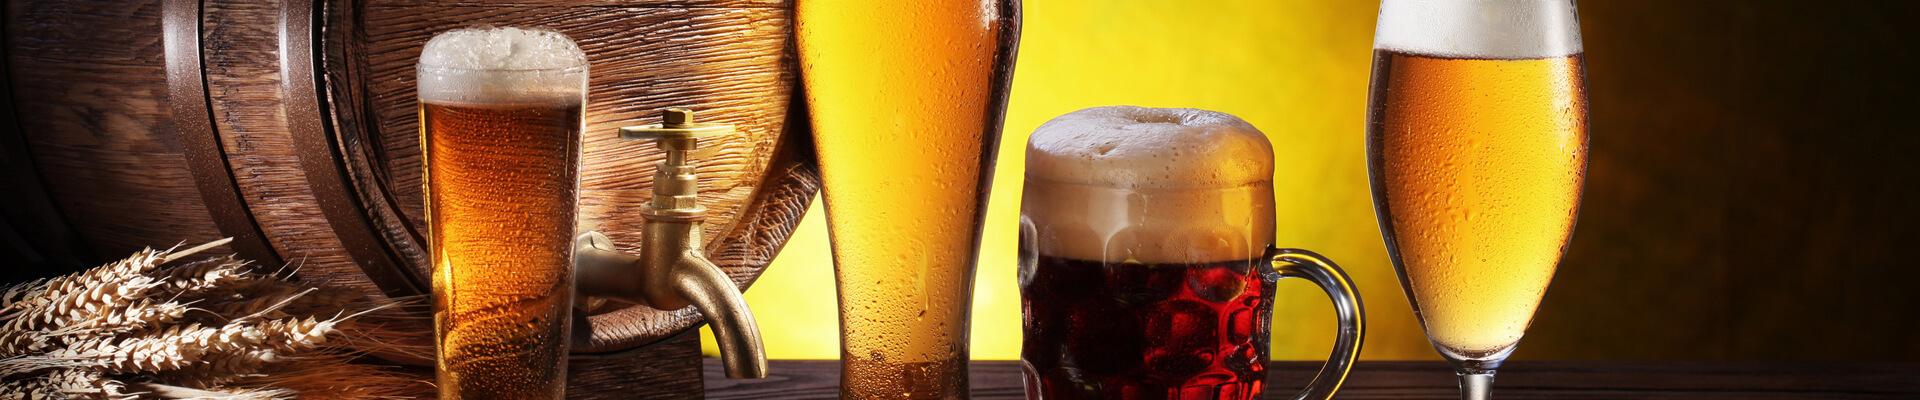 Il Meleto - Evento Festa della Birra